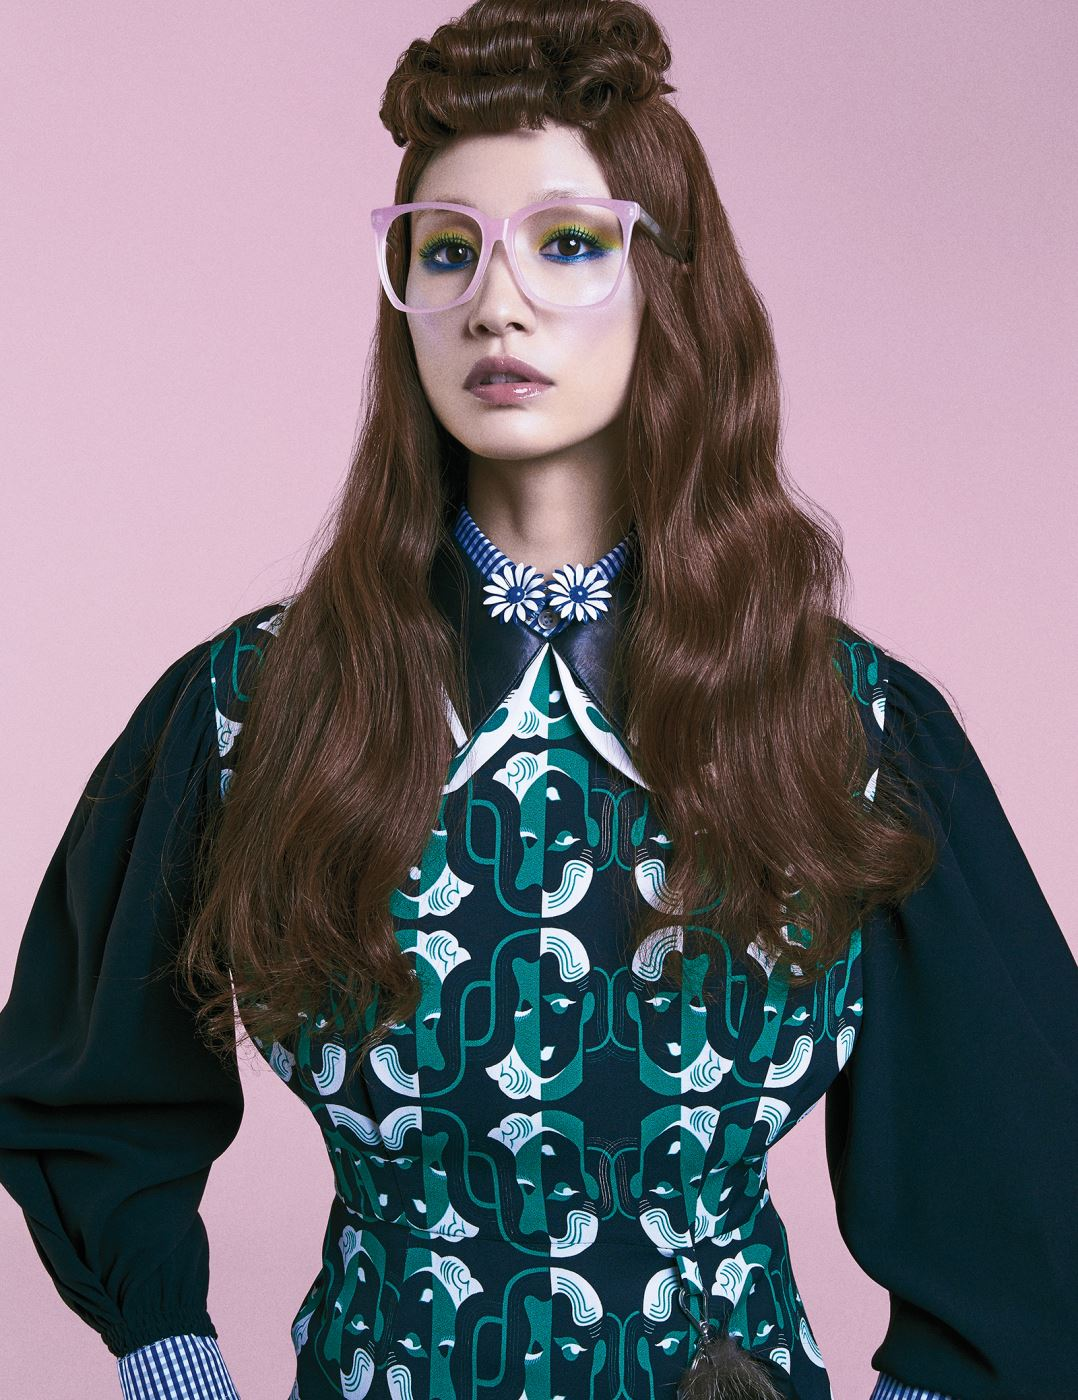 푸른 체크 셔츠가 레이어드된 원피스는 Miu Miu, 브로치로 연출한 데이지꽃 모양의 귀고리는 Dadaobjet, 핑크 프레임 안경은 Irresistor 제품.